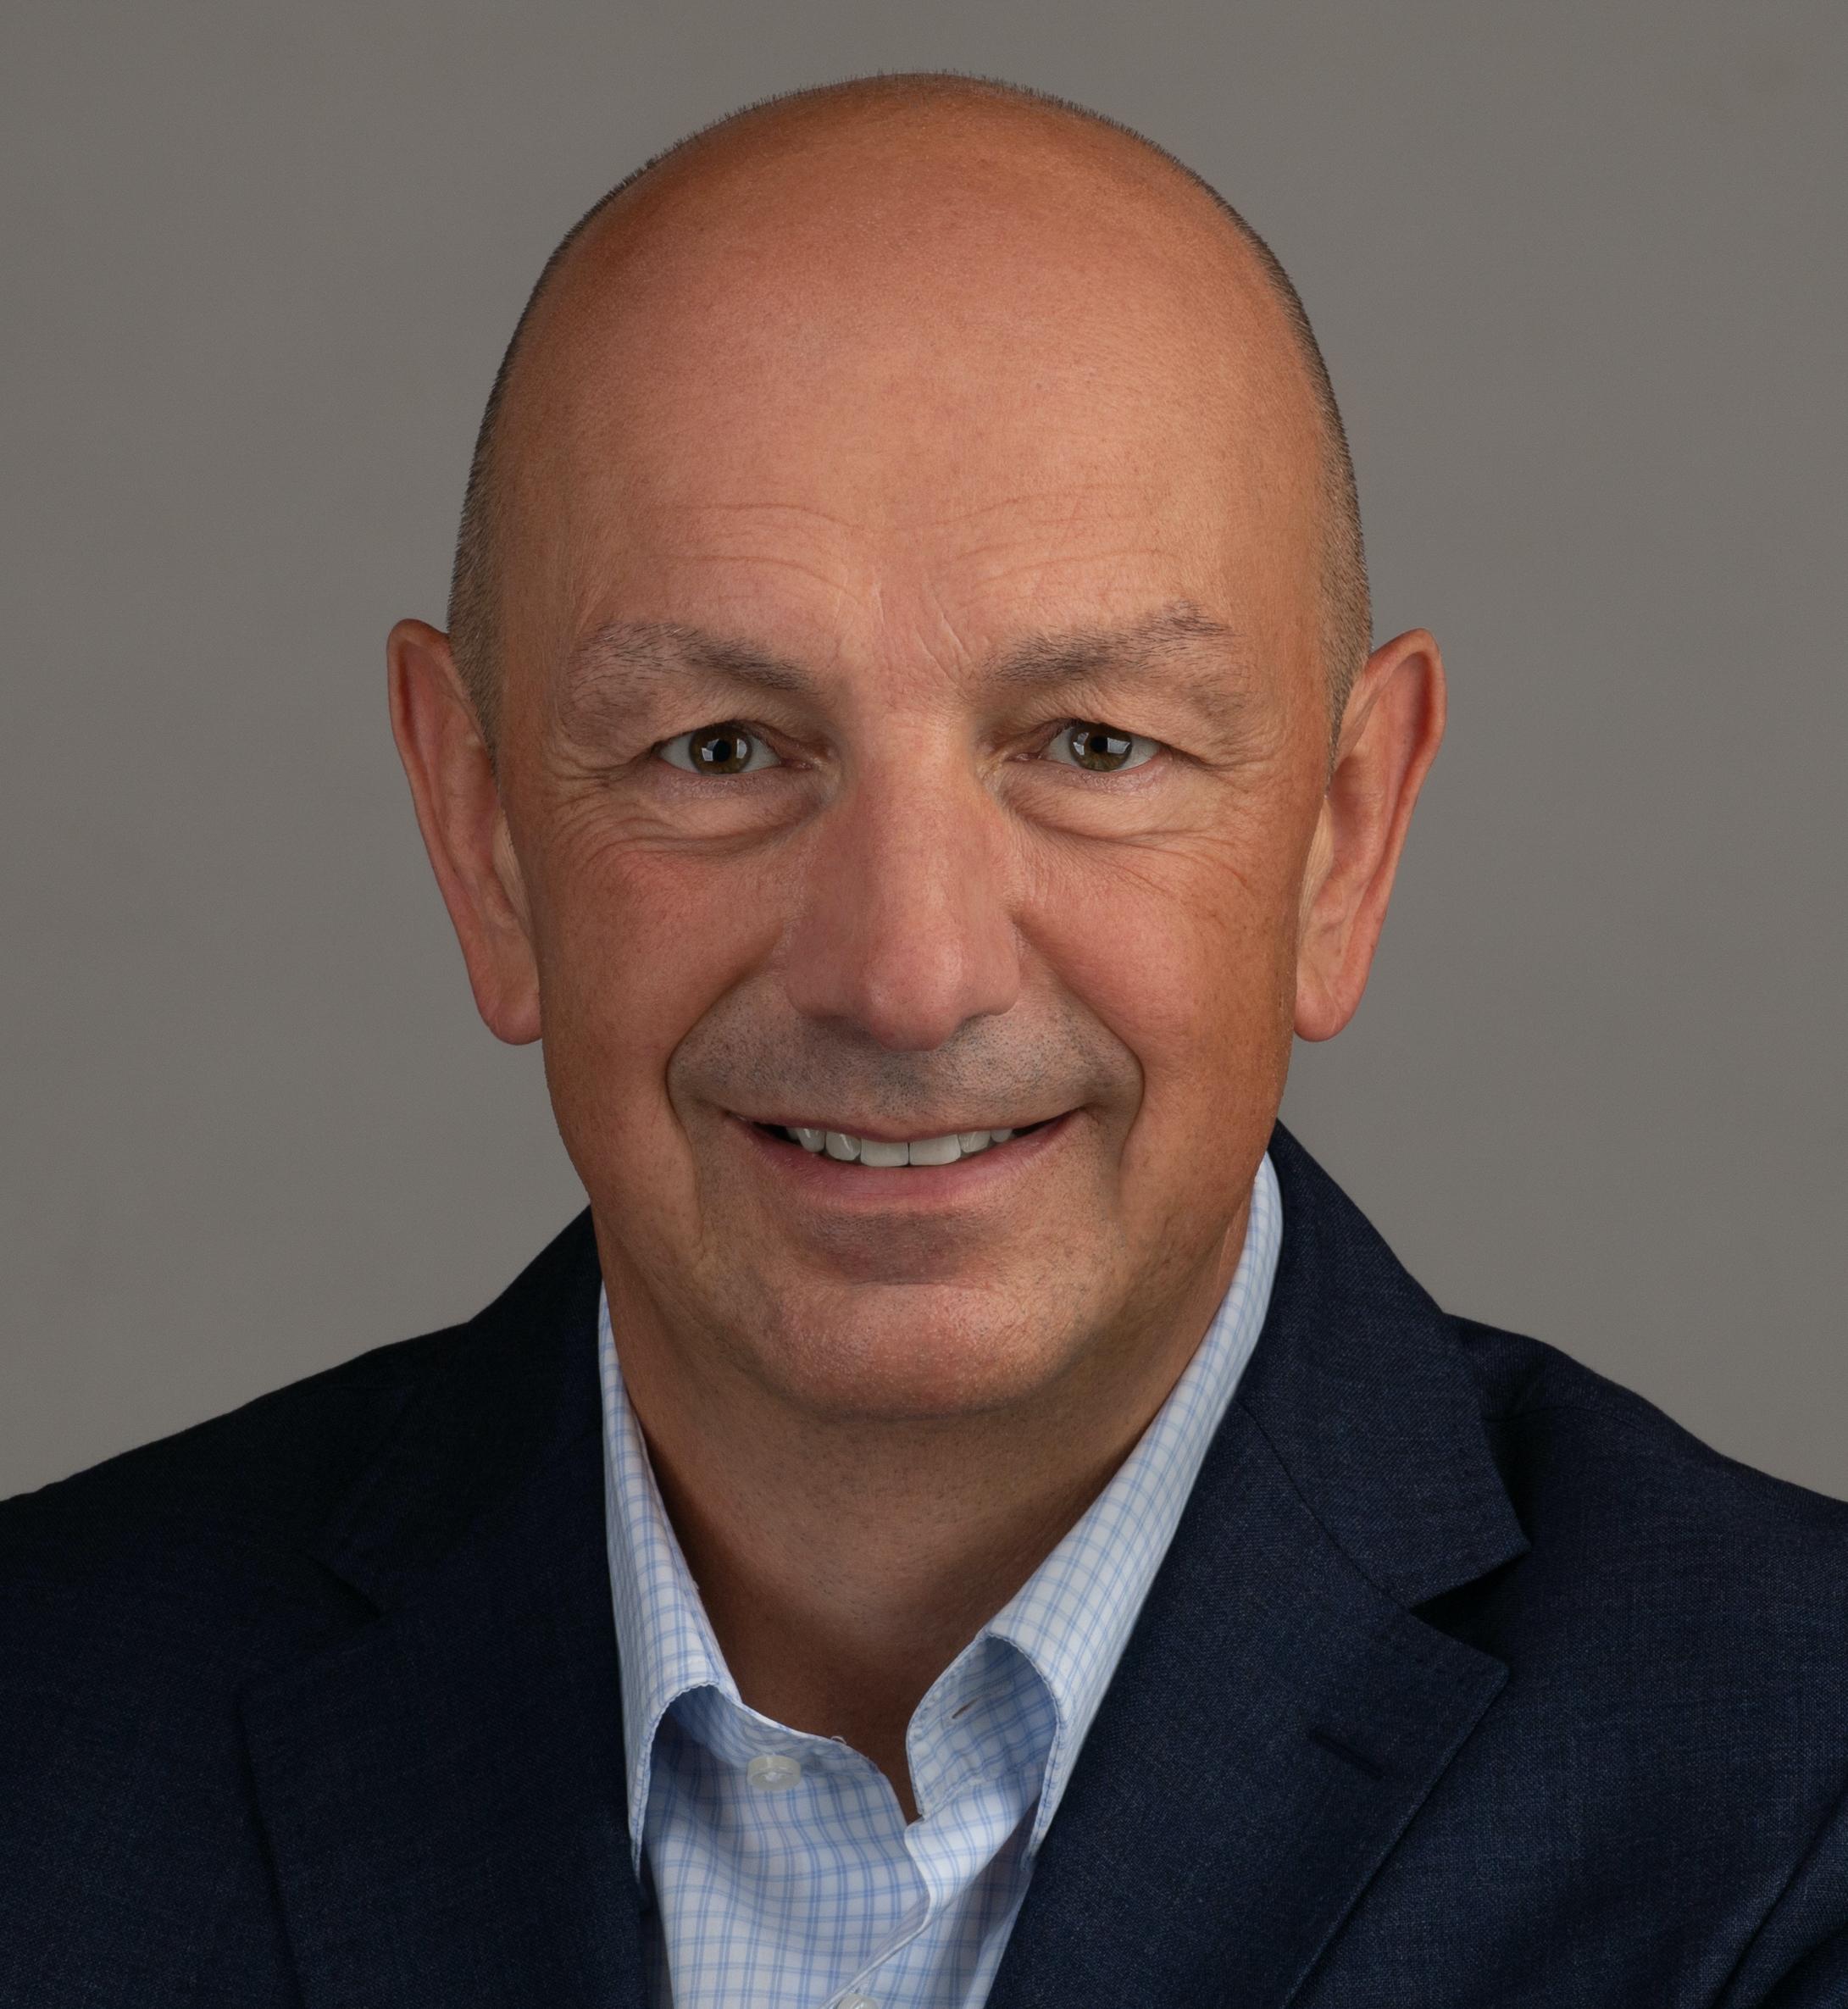 Peter Schimpl